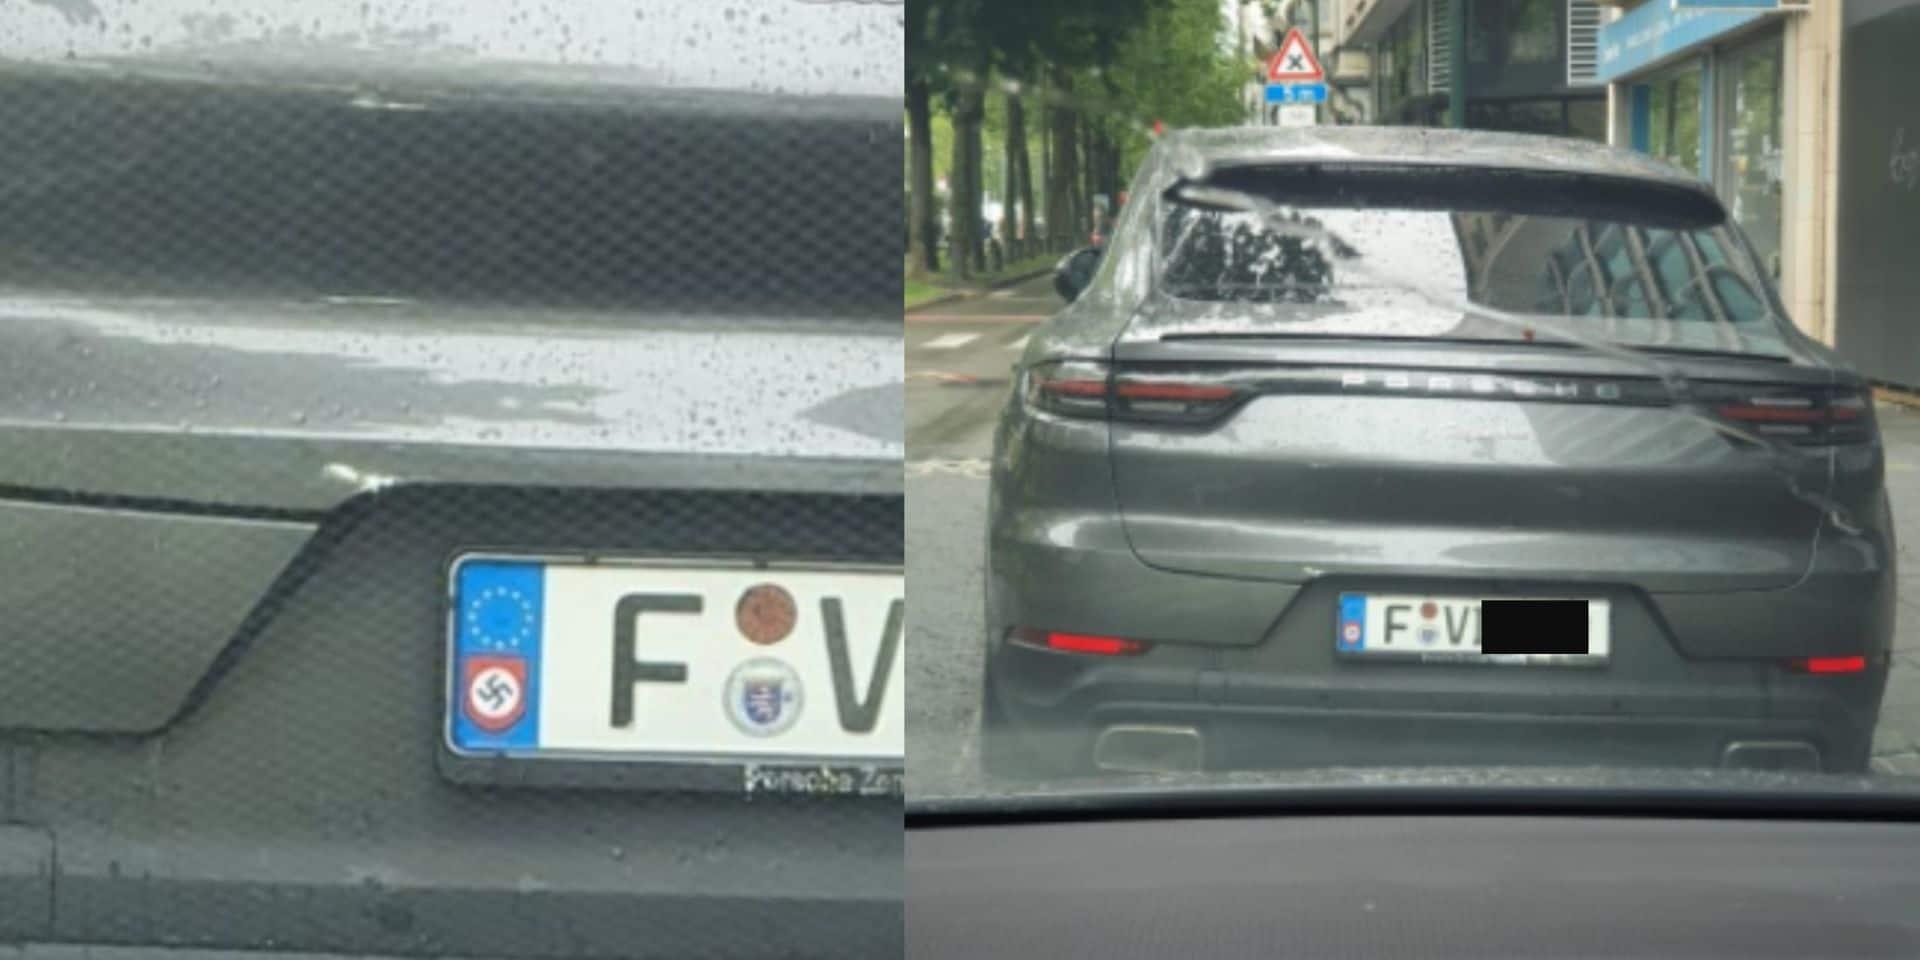 Bruxelles : une Porsche repérée avec un autocollant d'un drapeau nazi sur la plaque d'immatriculation